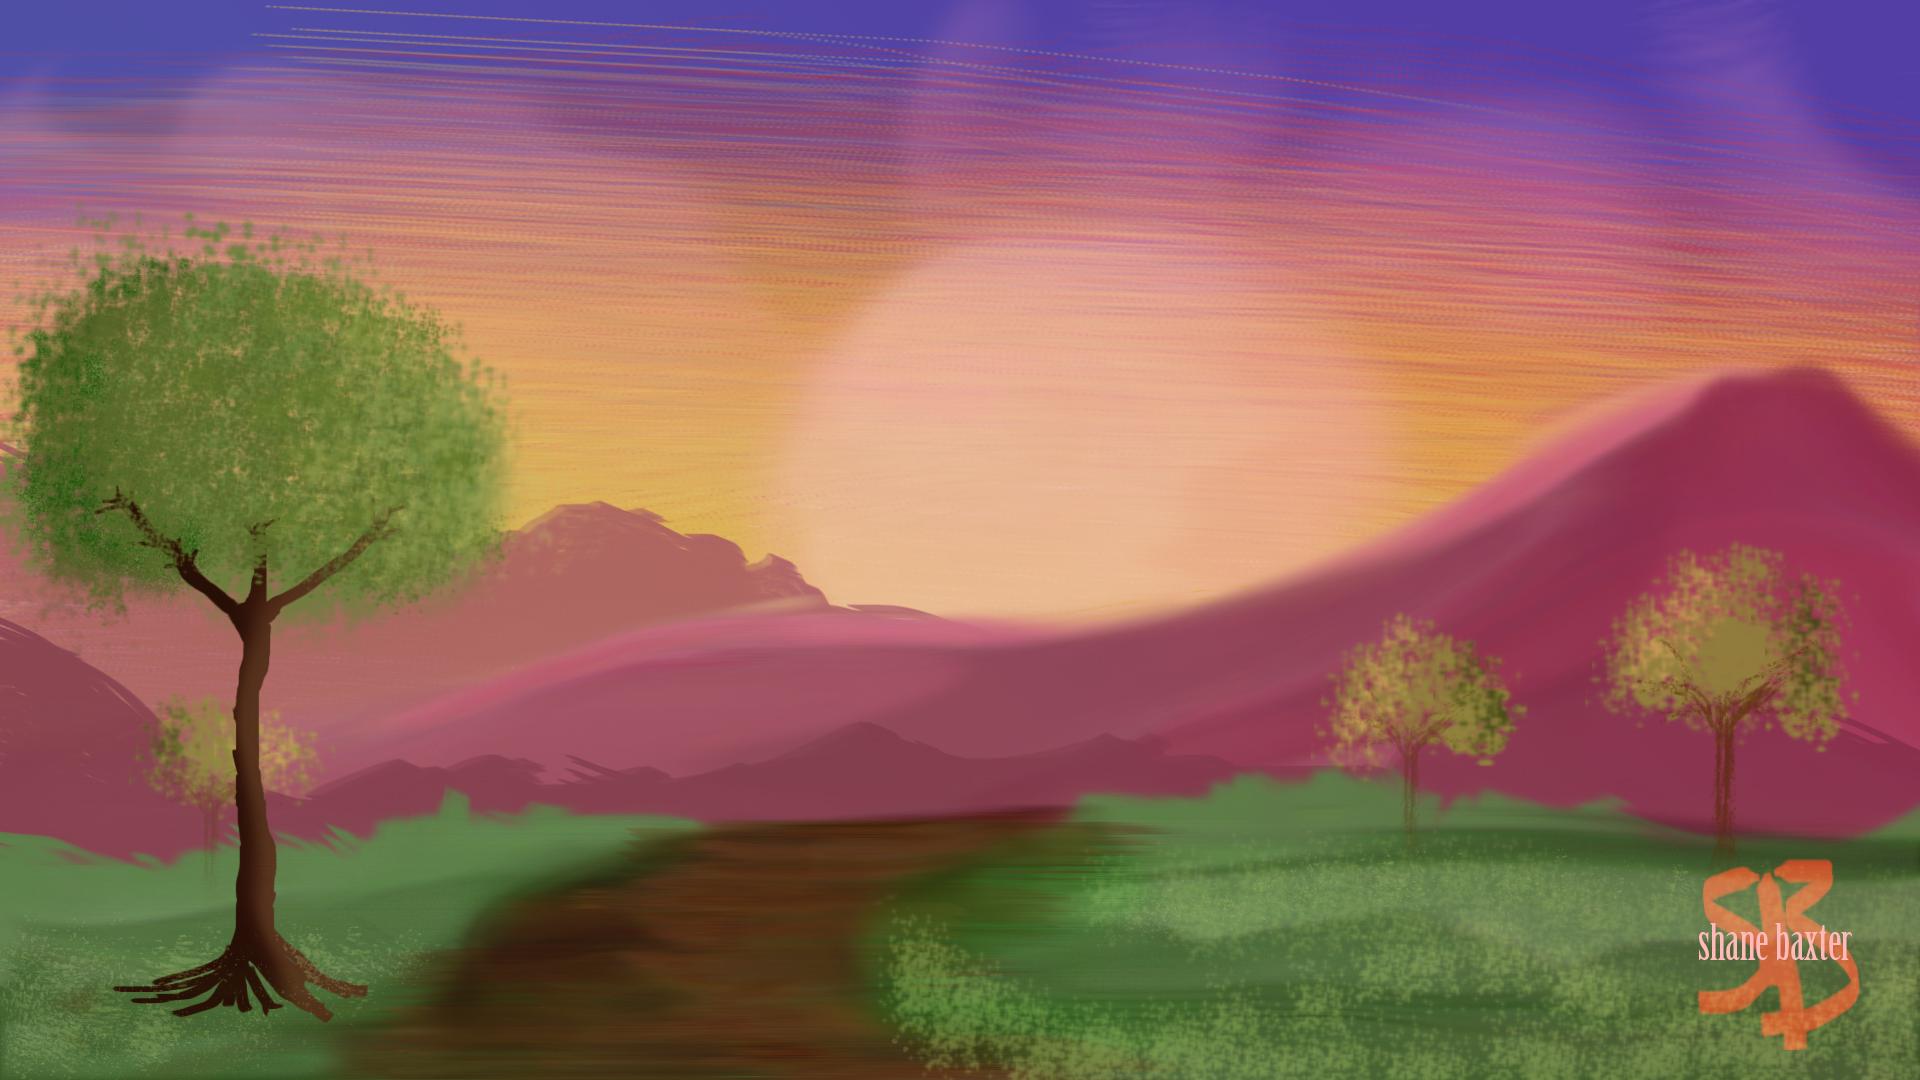 My horizon